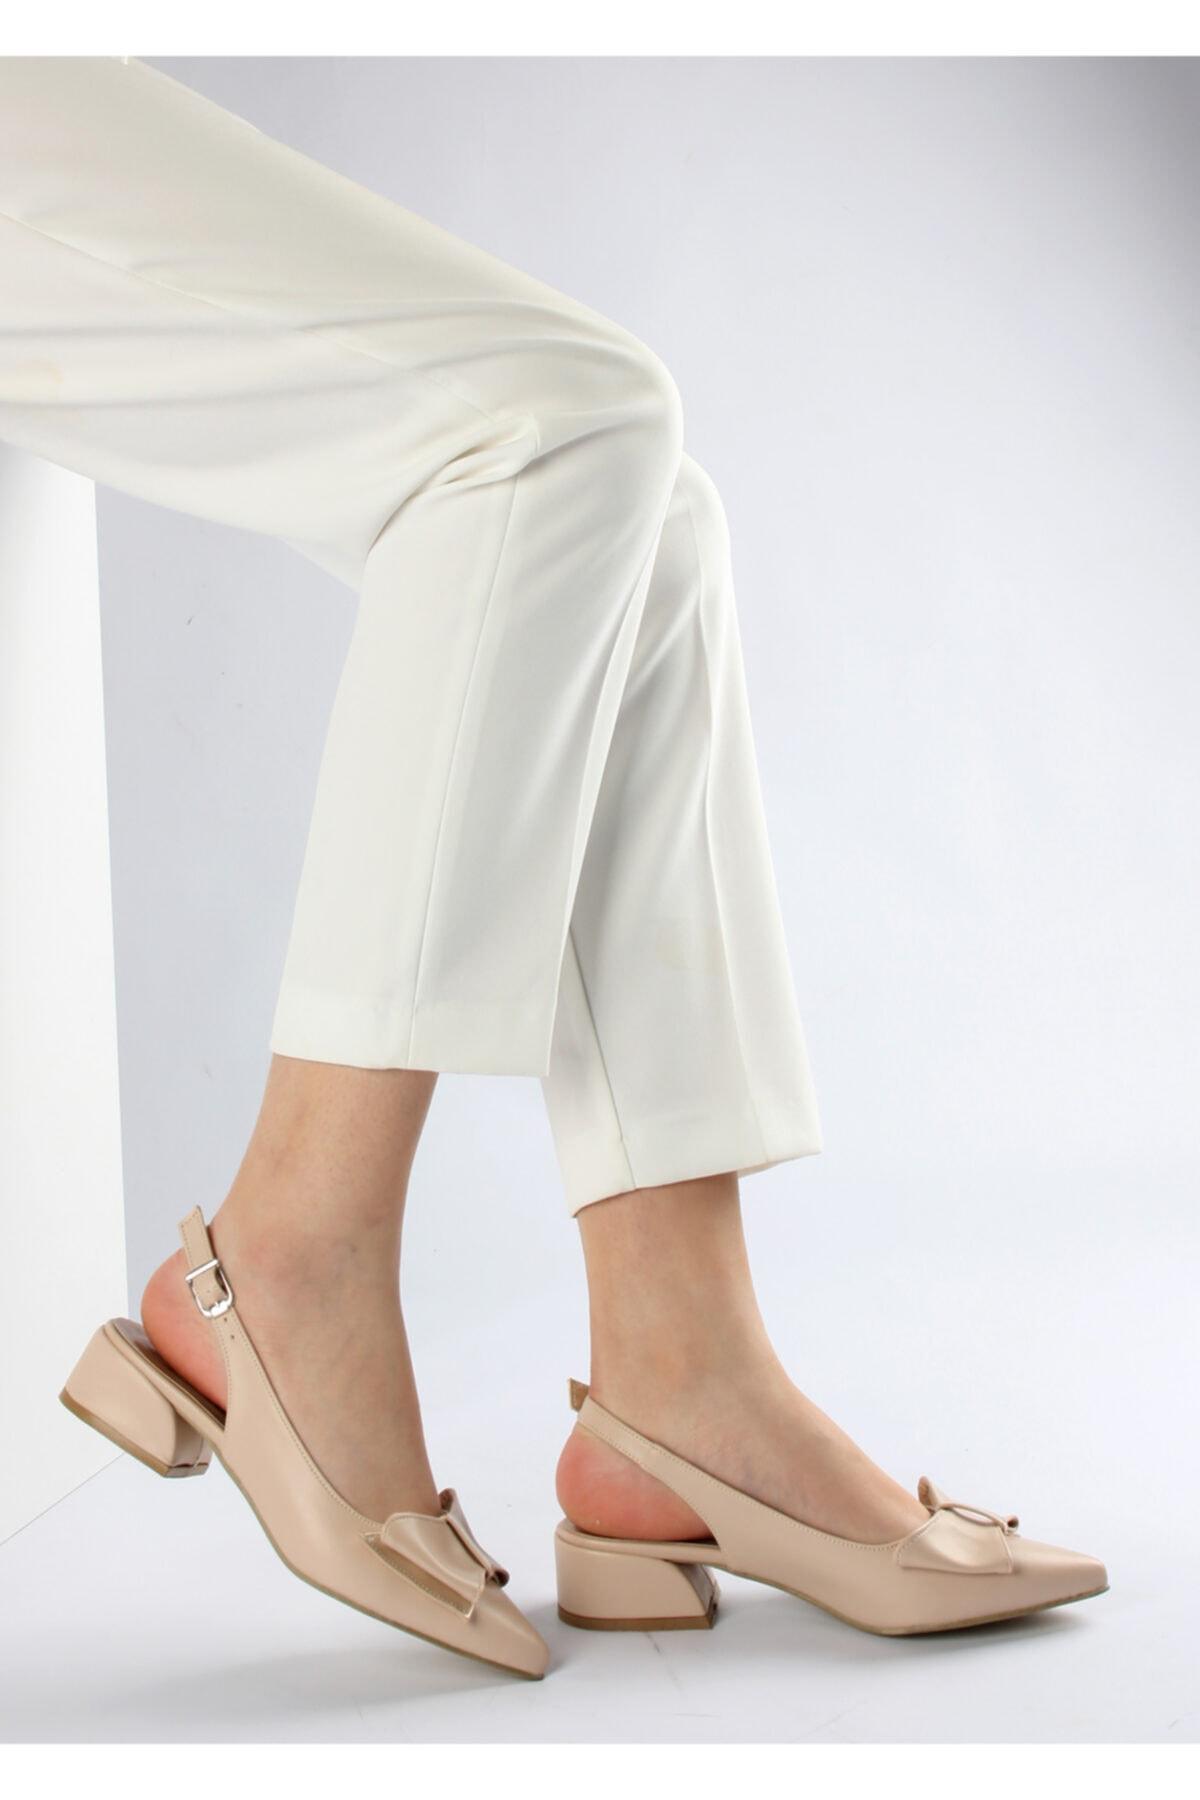 Kadın Bej Cilt Fiyonklu Arkası Açık Topuklu Ayakkabı